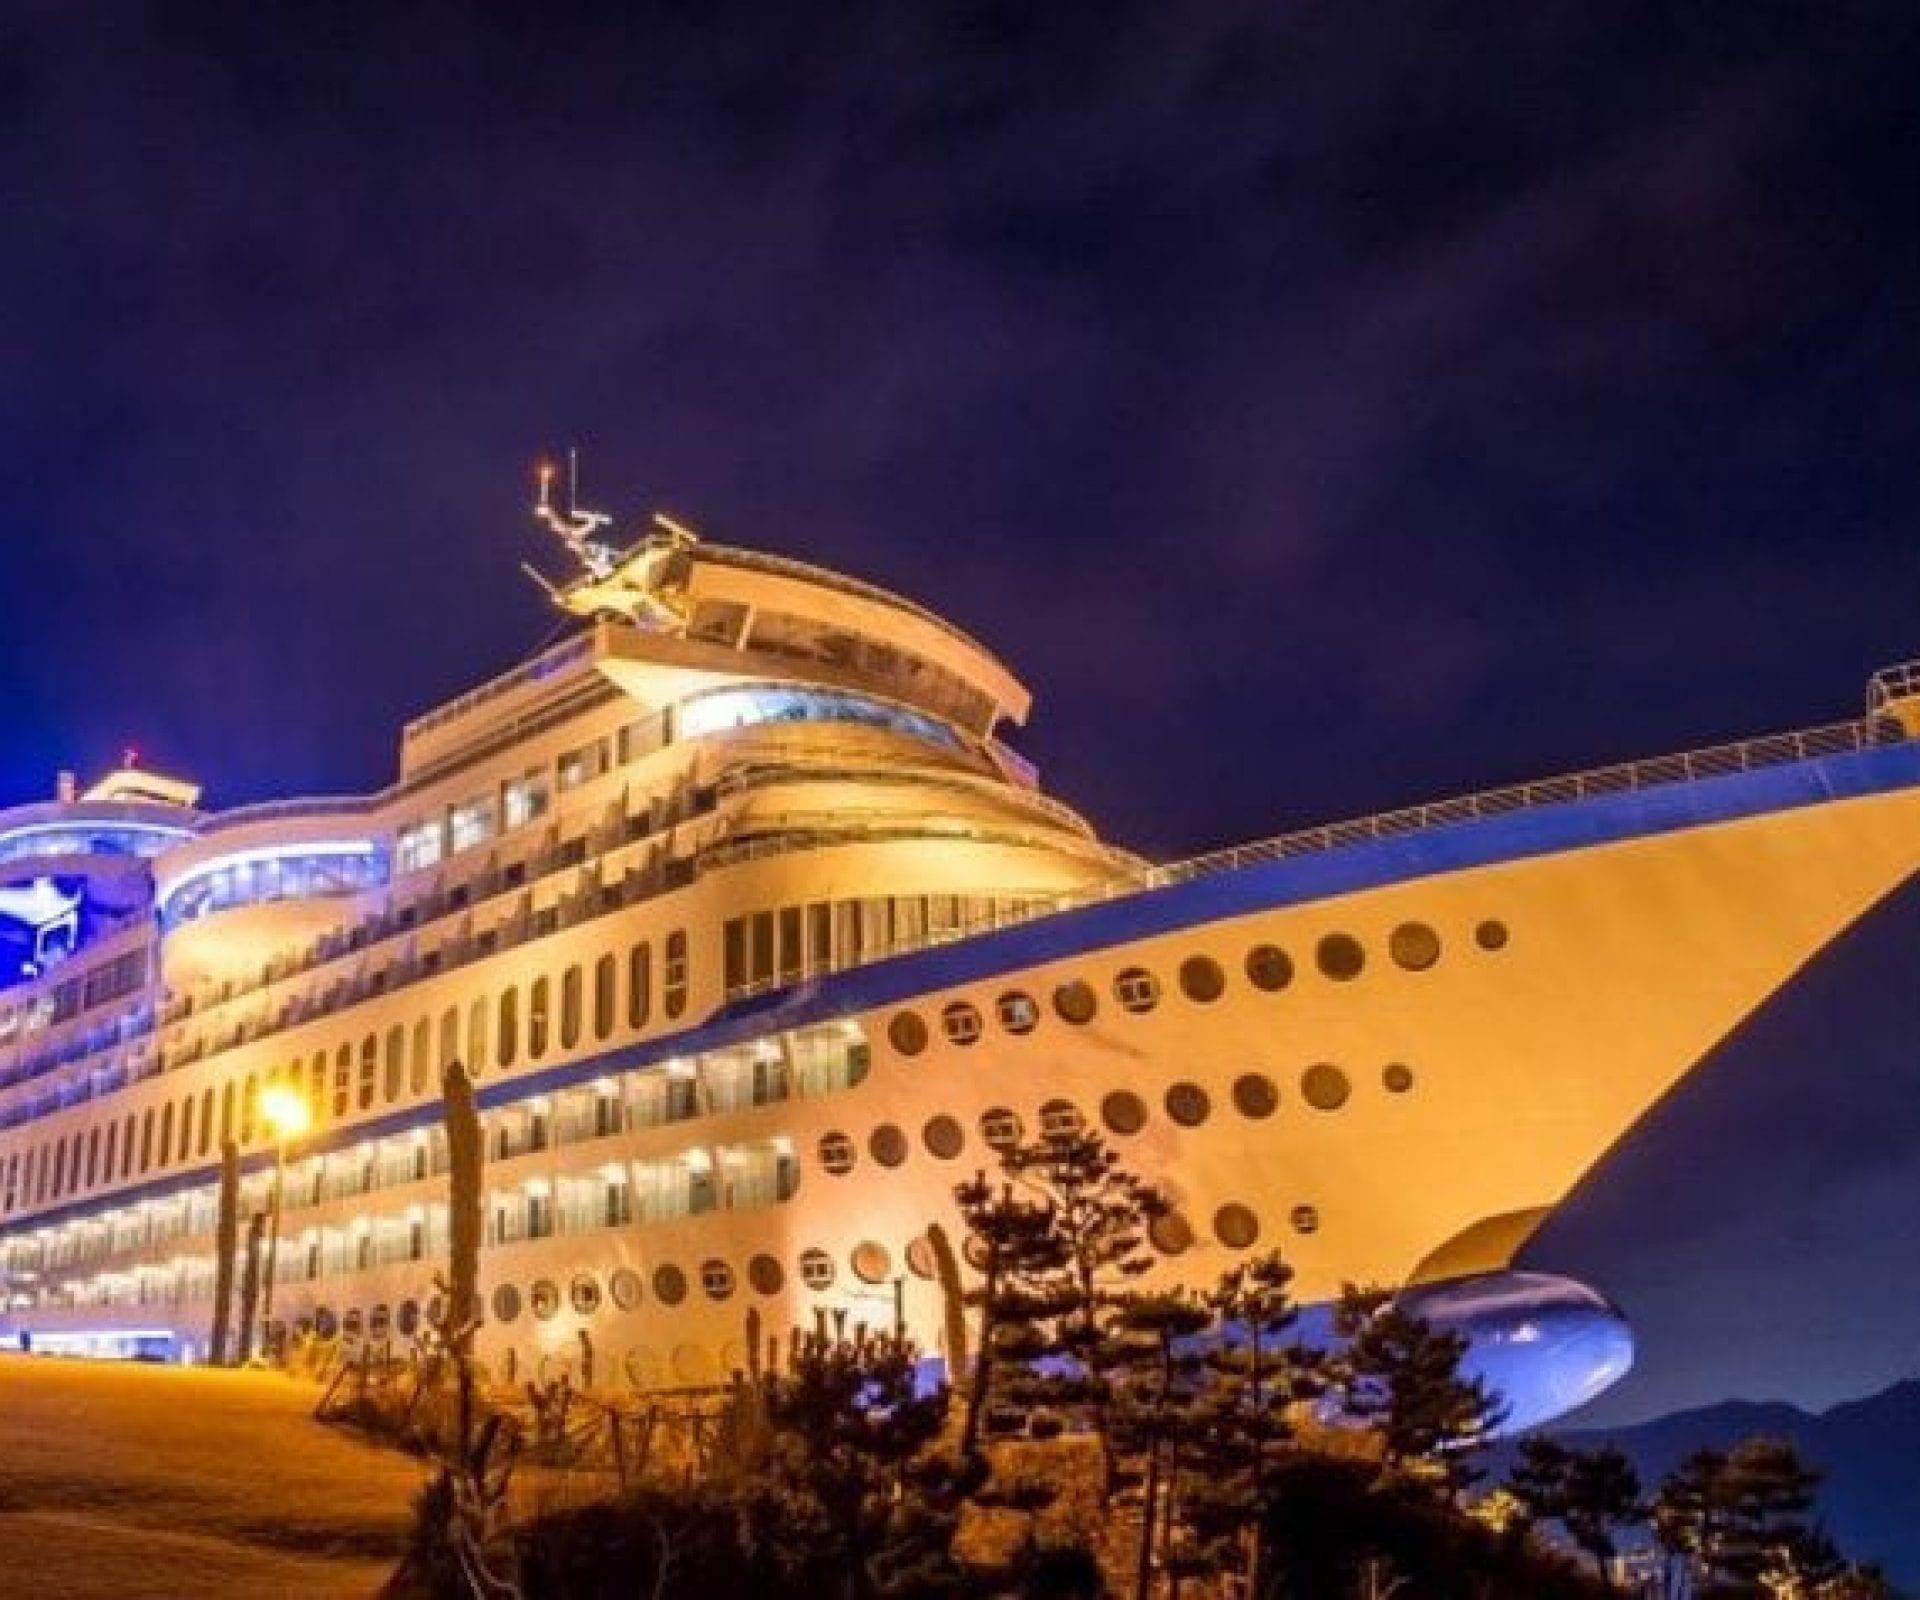 Sun Cruise Resort & Yacht | Gangneung-si, Gangwon-do